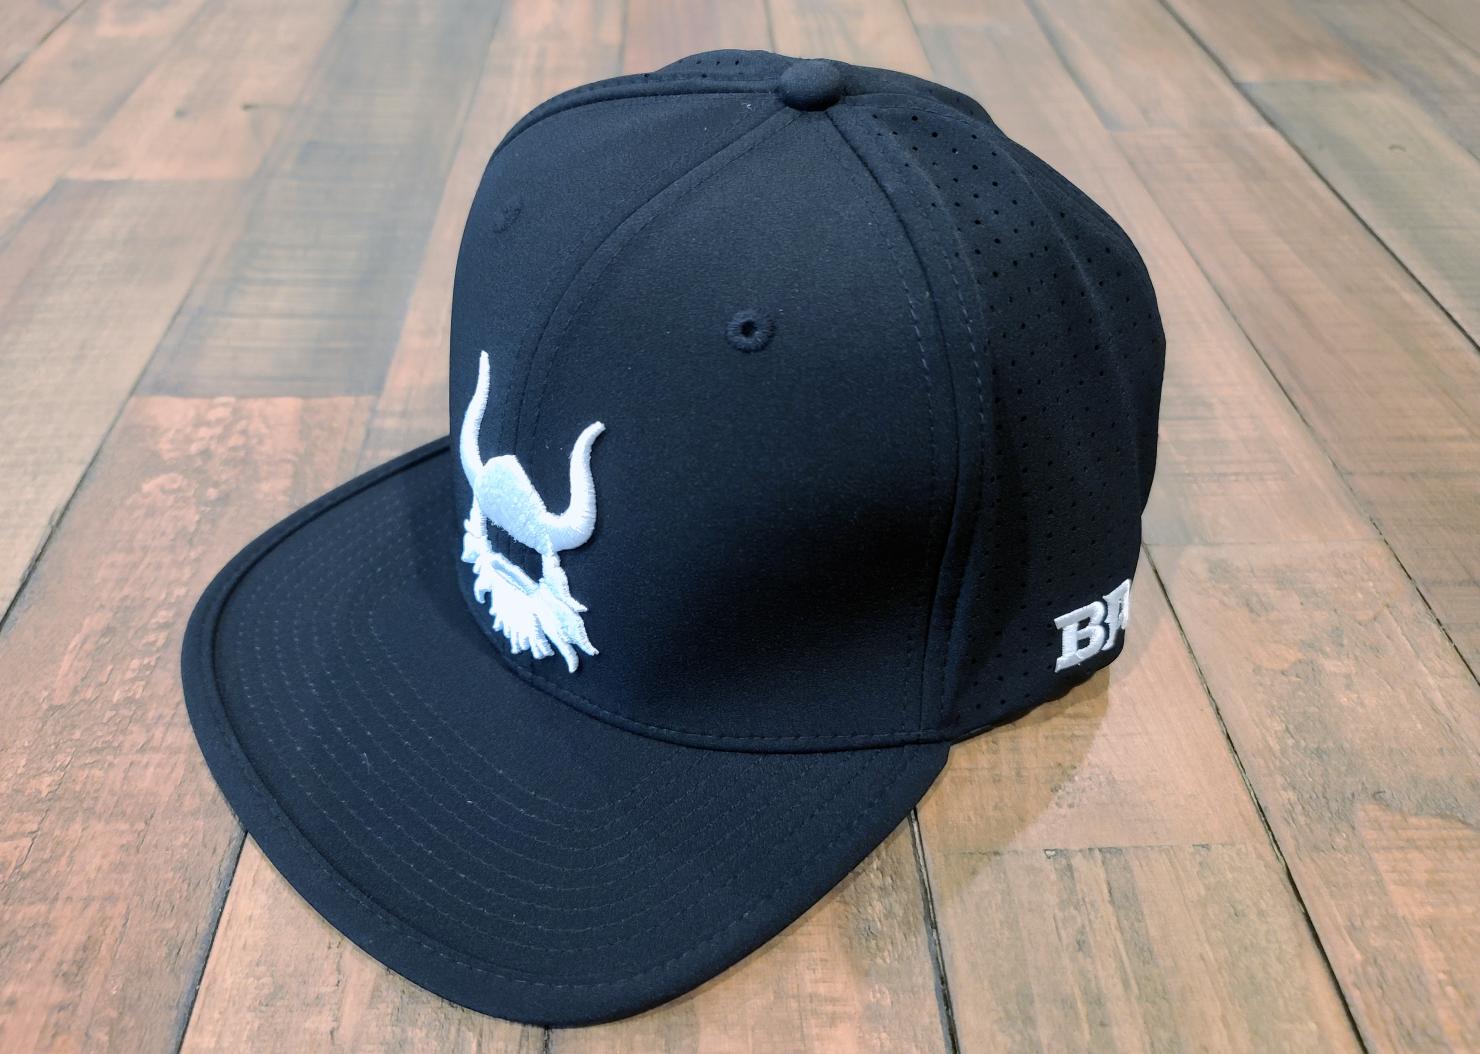 BA Flat Bill Flex Hat